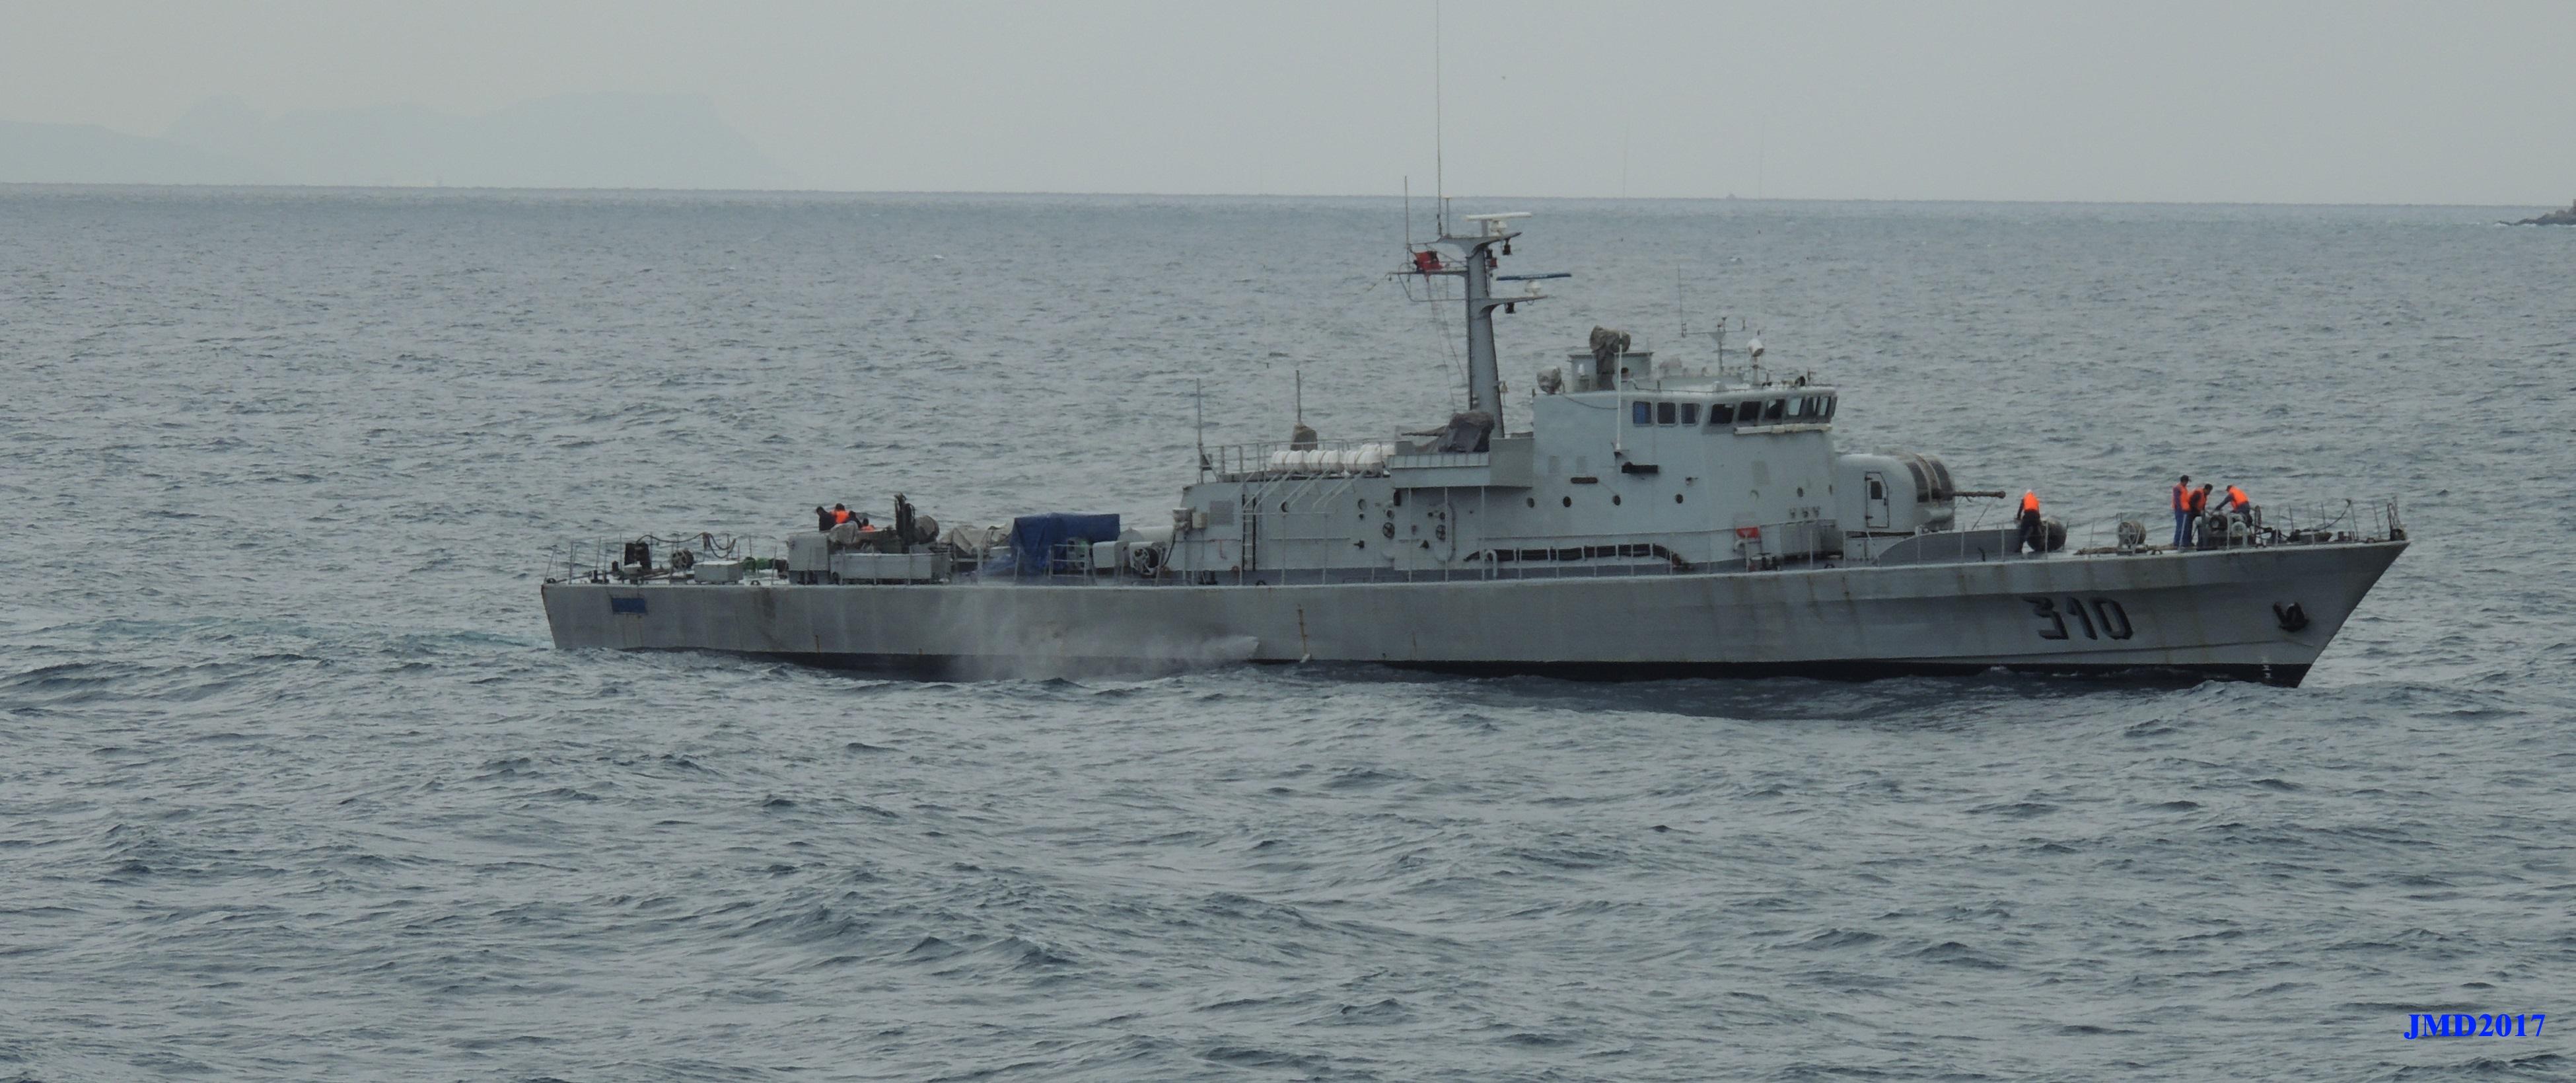 Royal Moroccan Navy Patrol Boats / Patrouilleurs de la Marine Marocaine - Page 12 2634929